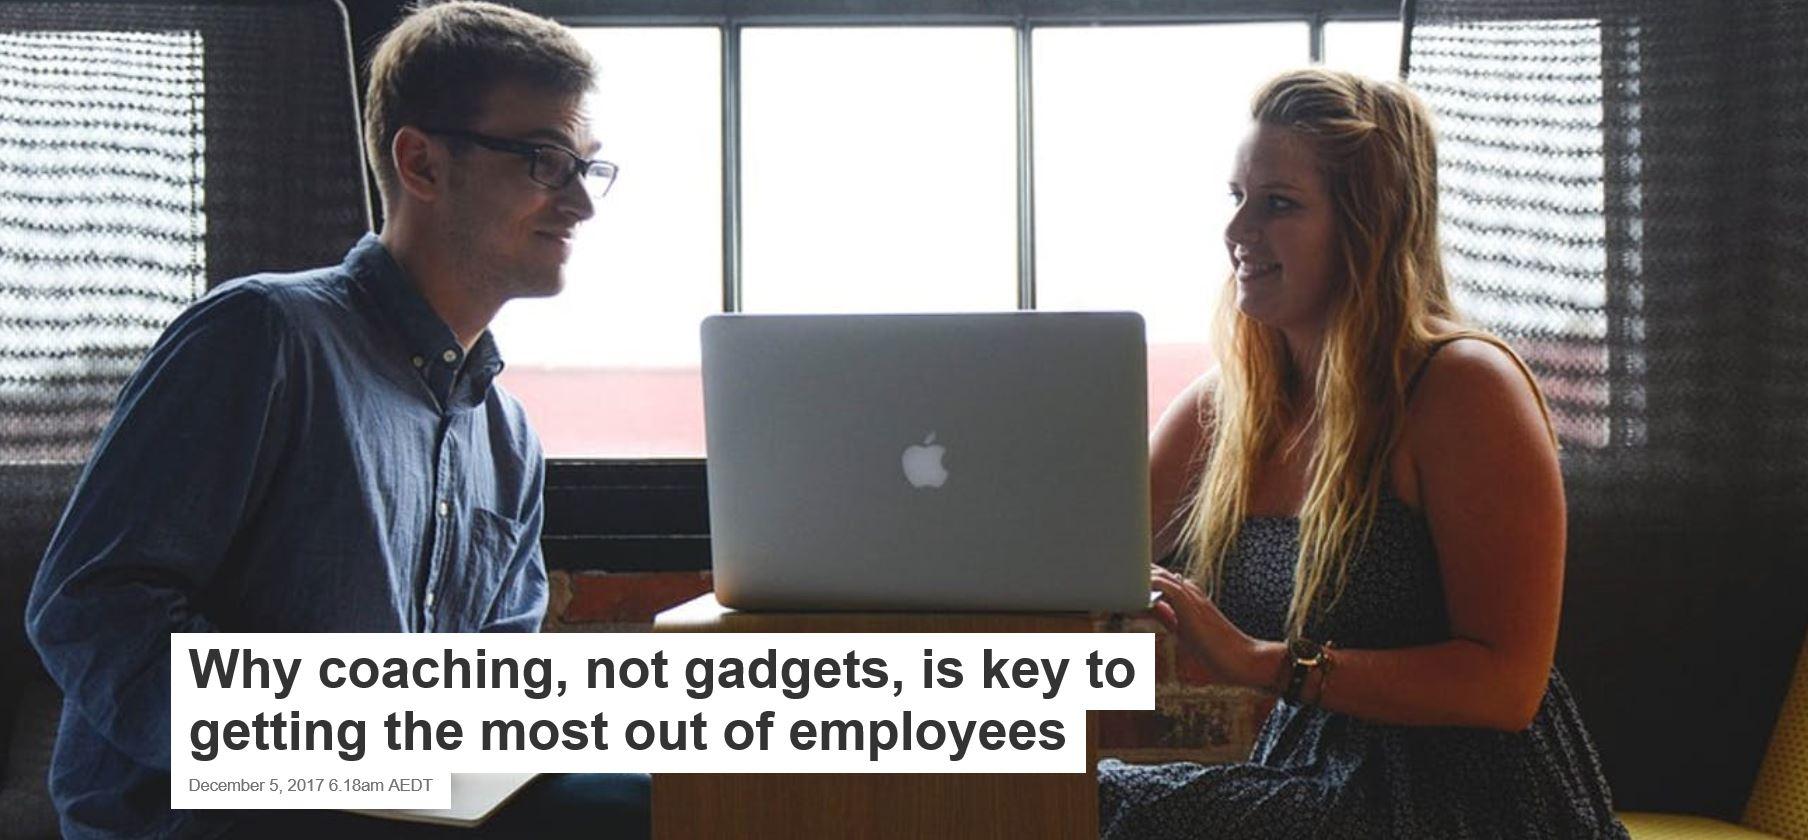 Why Coaching no gadgets